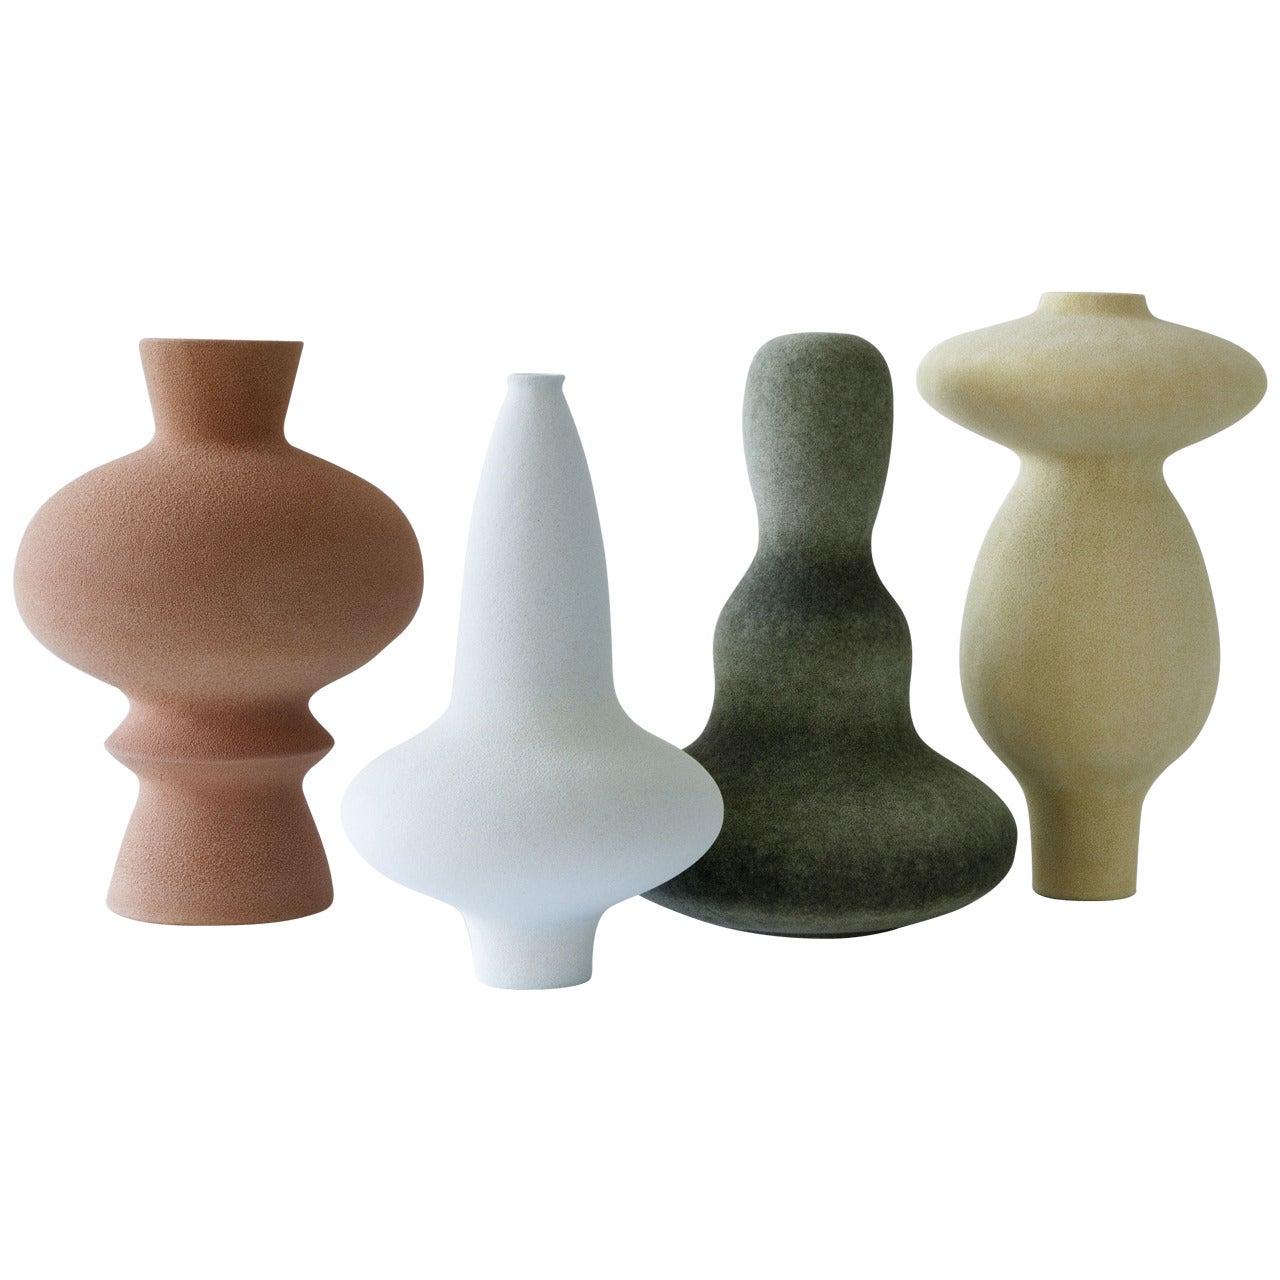 Unique Ceramic Vases by Turi Heisselberg Pedersen